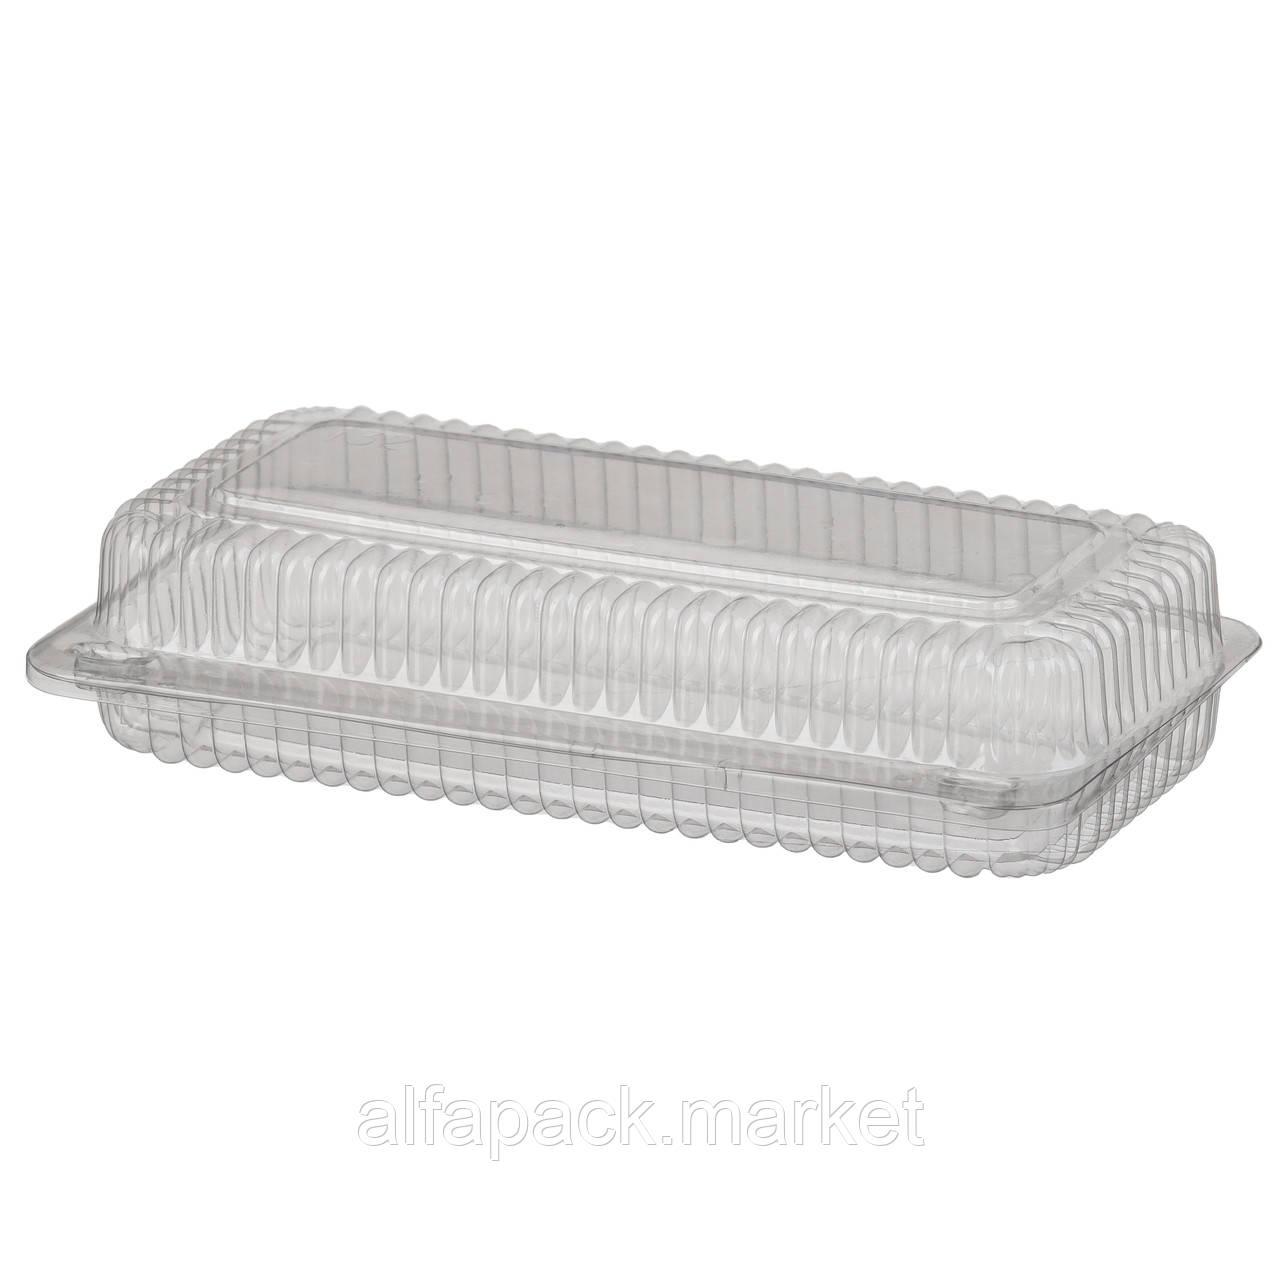 ПС-132 Пластиковый контейнер 209*112*42 (600 шт в упаковке) 010100030